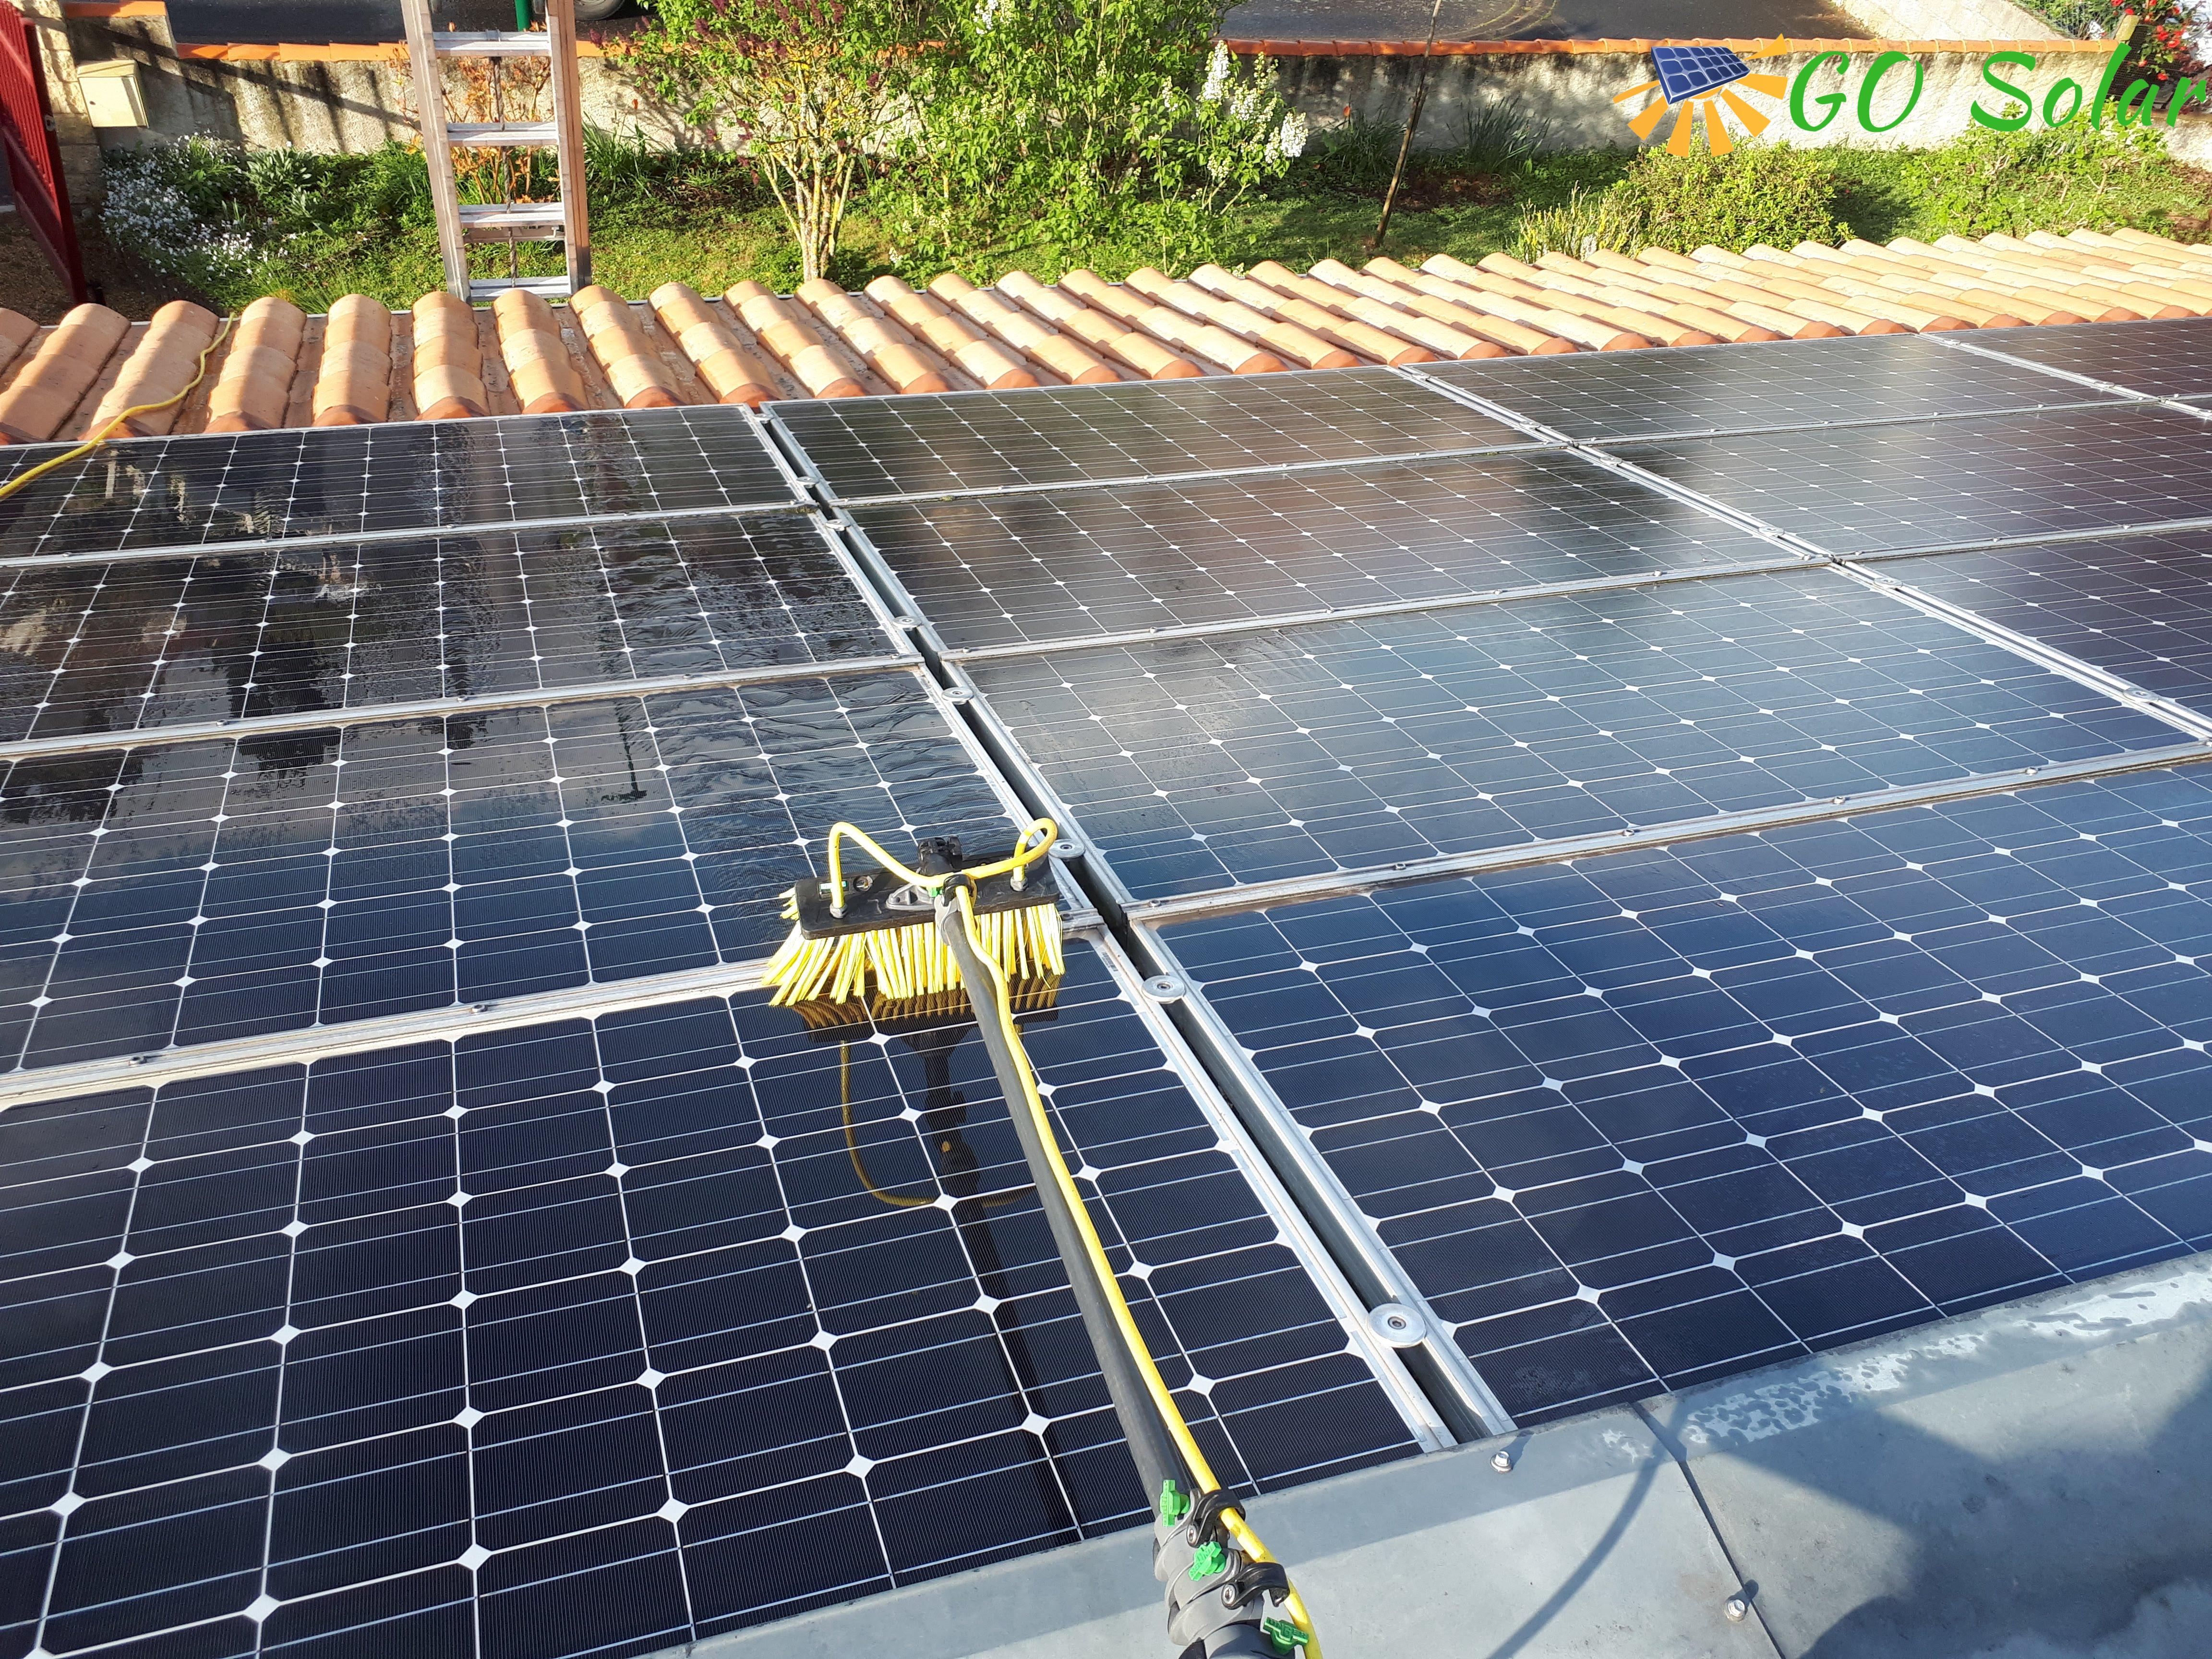 Nettoyage de panneaux solaires photovoltaïque